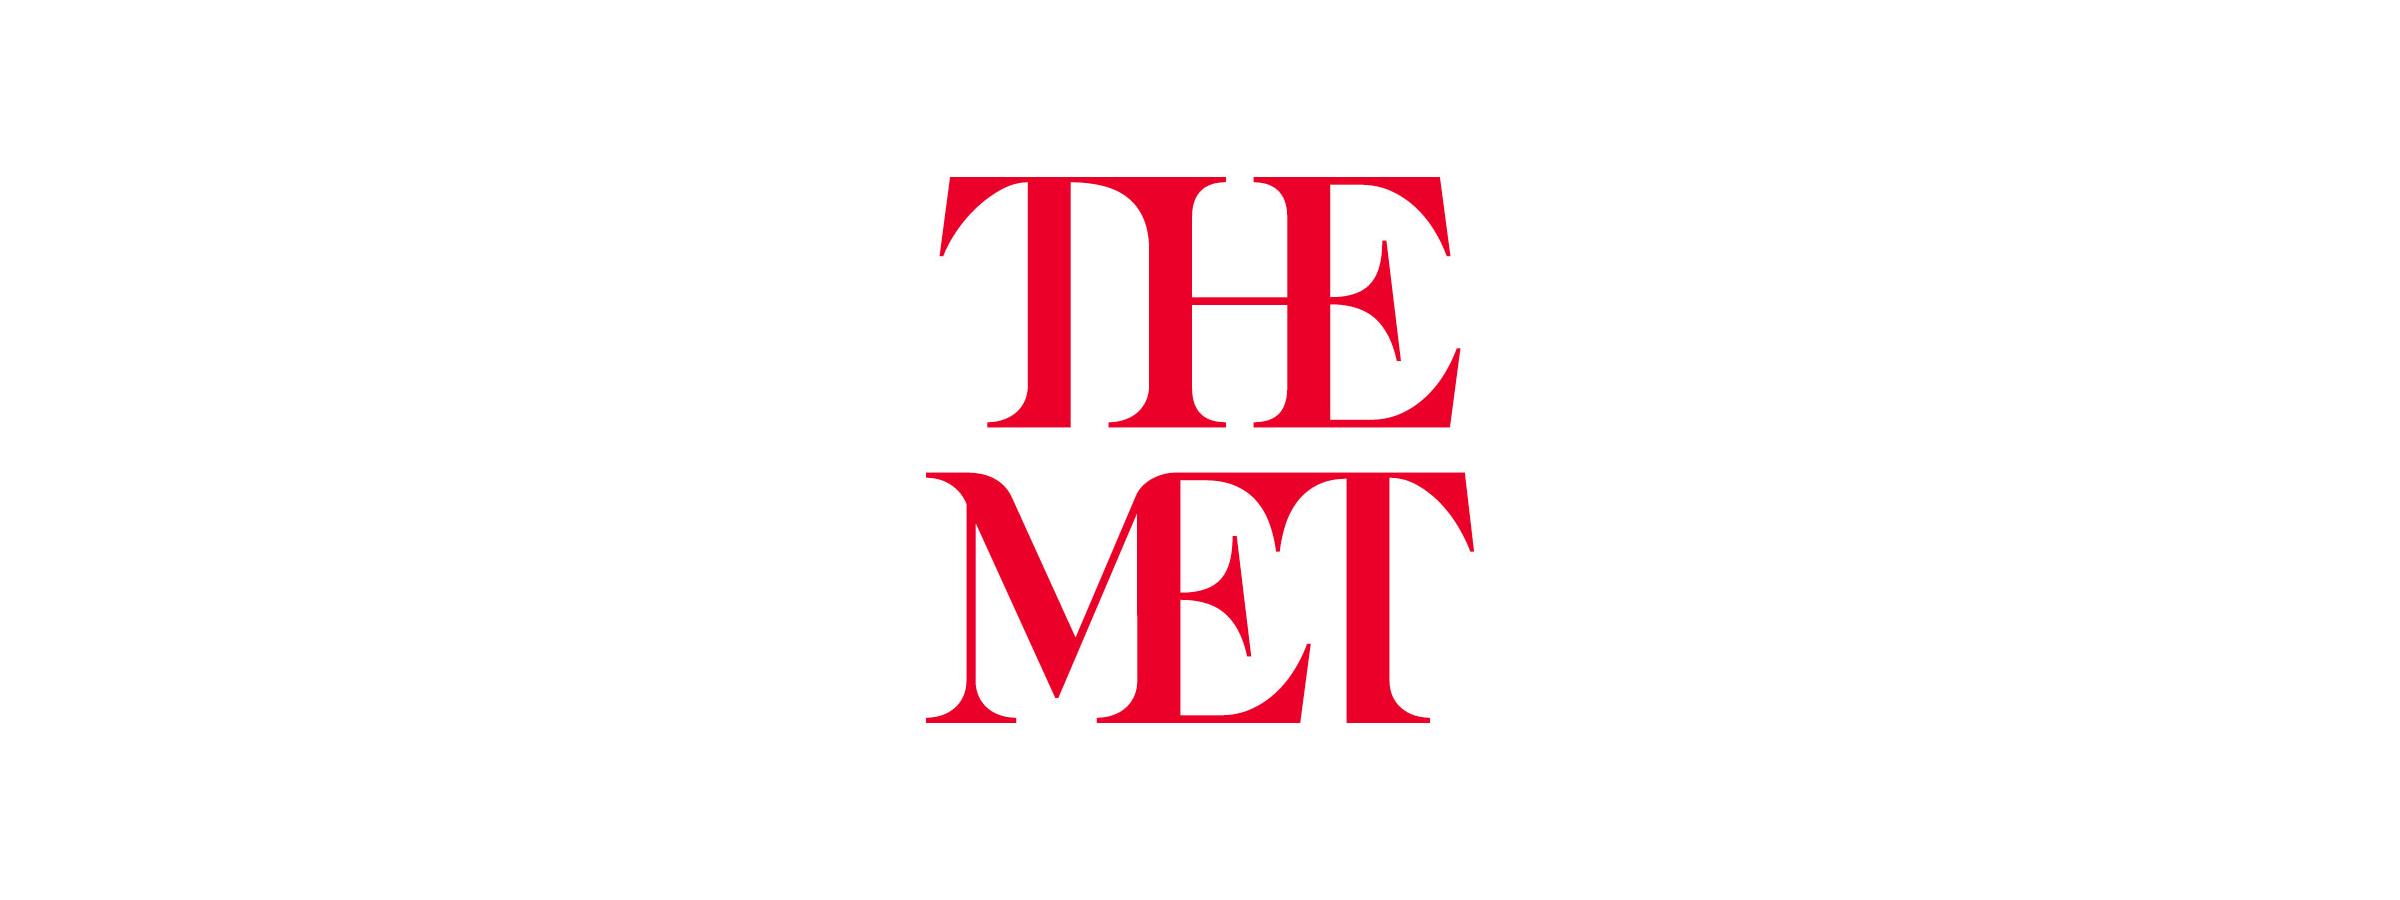 Weekly_MuseumBranding_TheMet